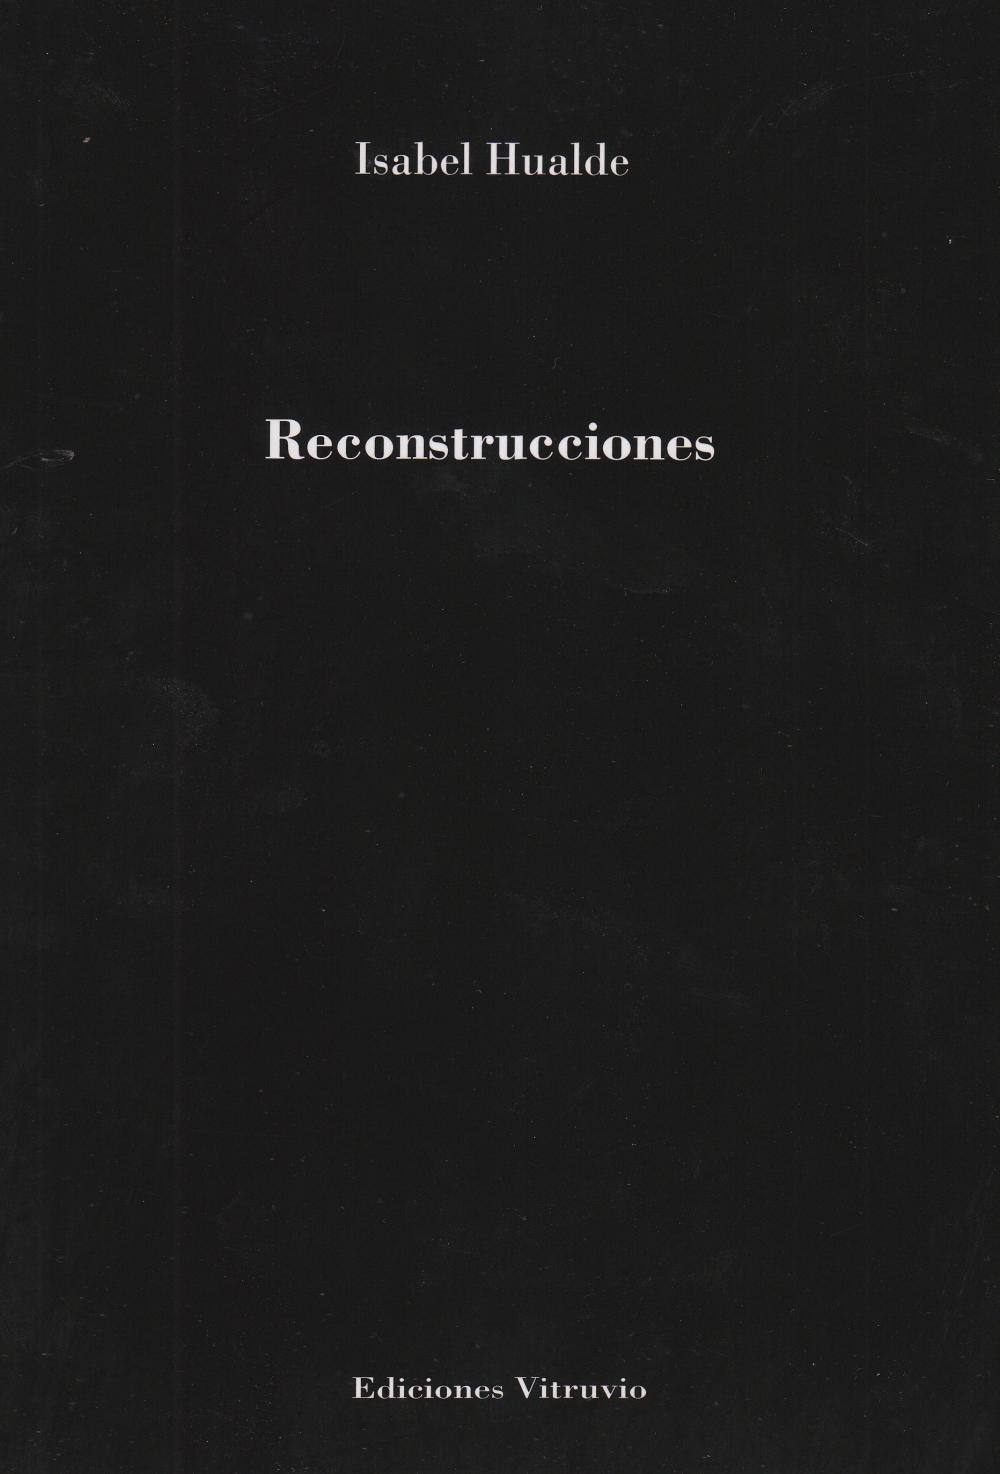 Reconstrucciones